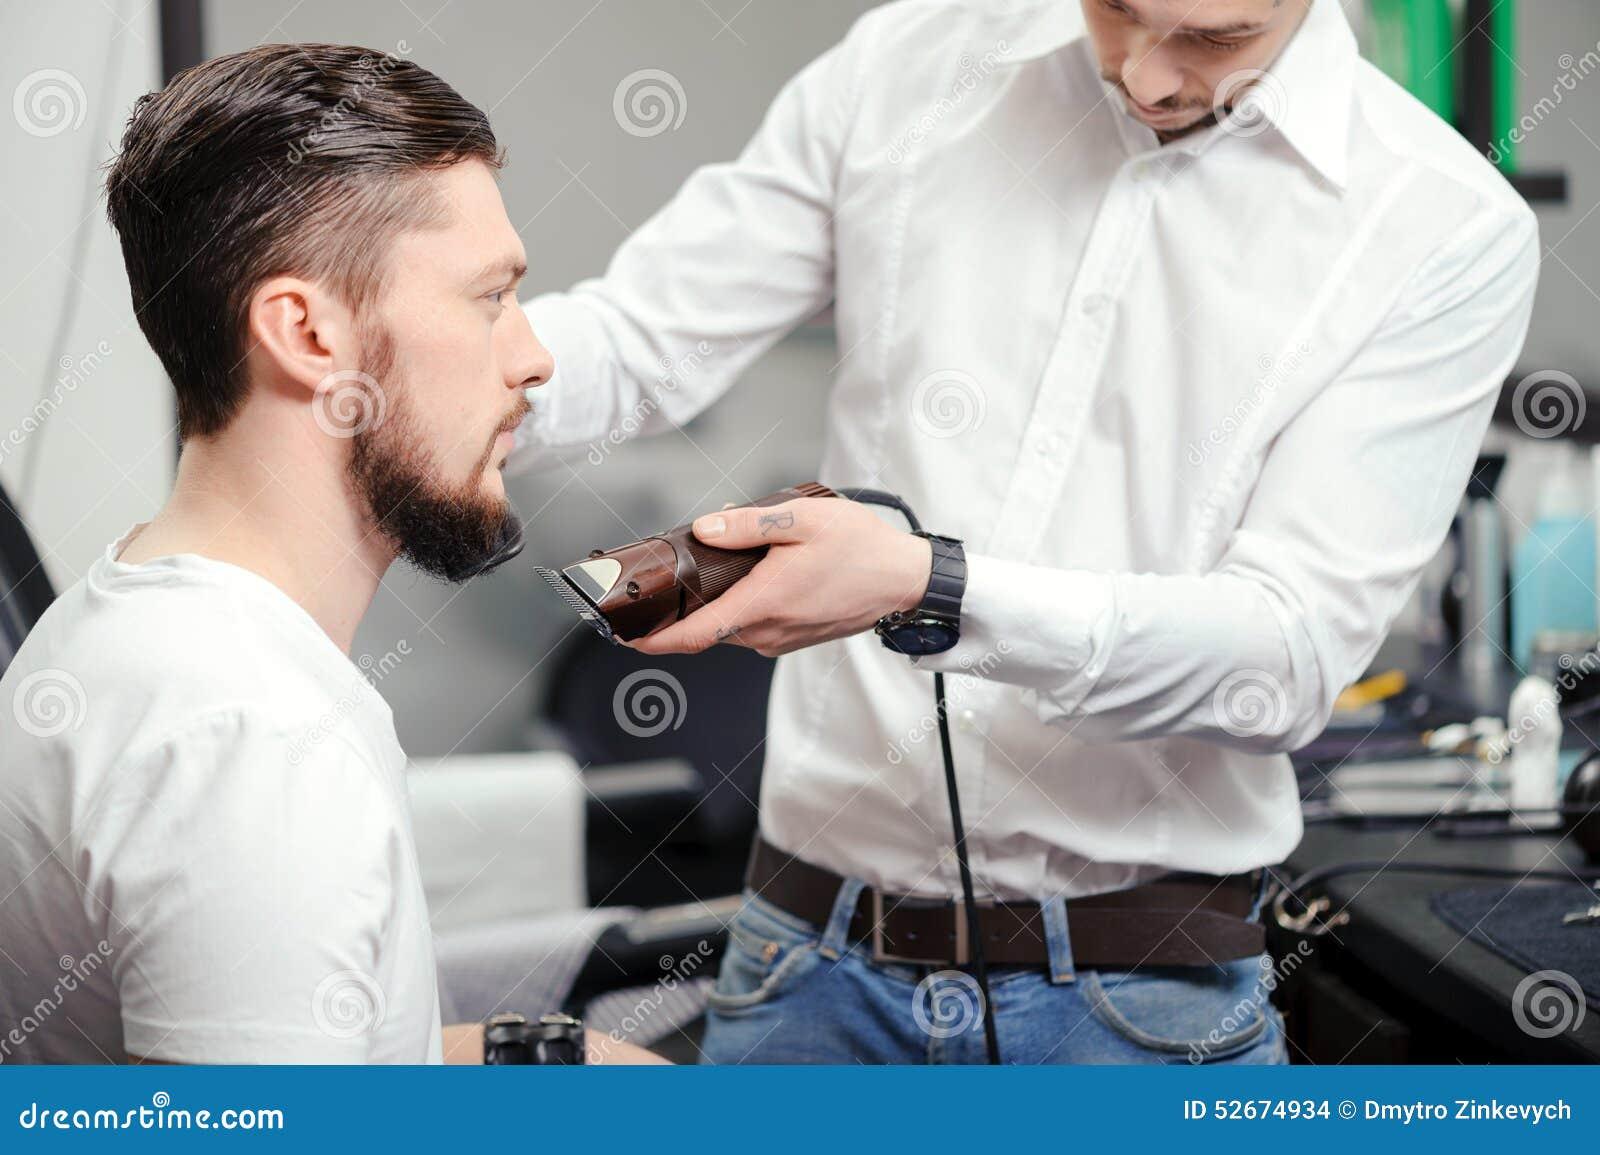 El hombre afeita su barba con podadoras de pelo